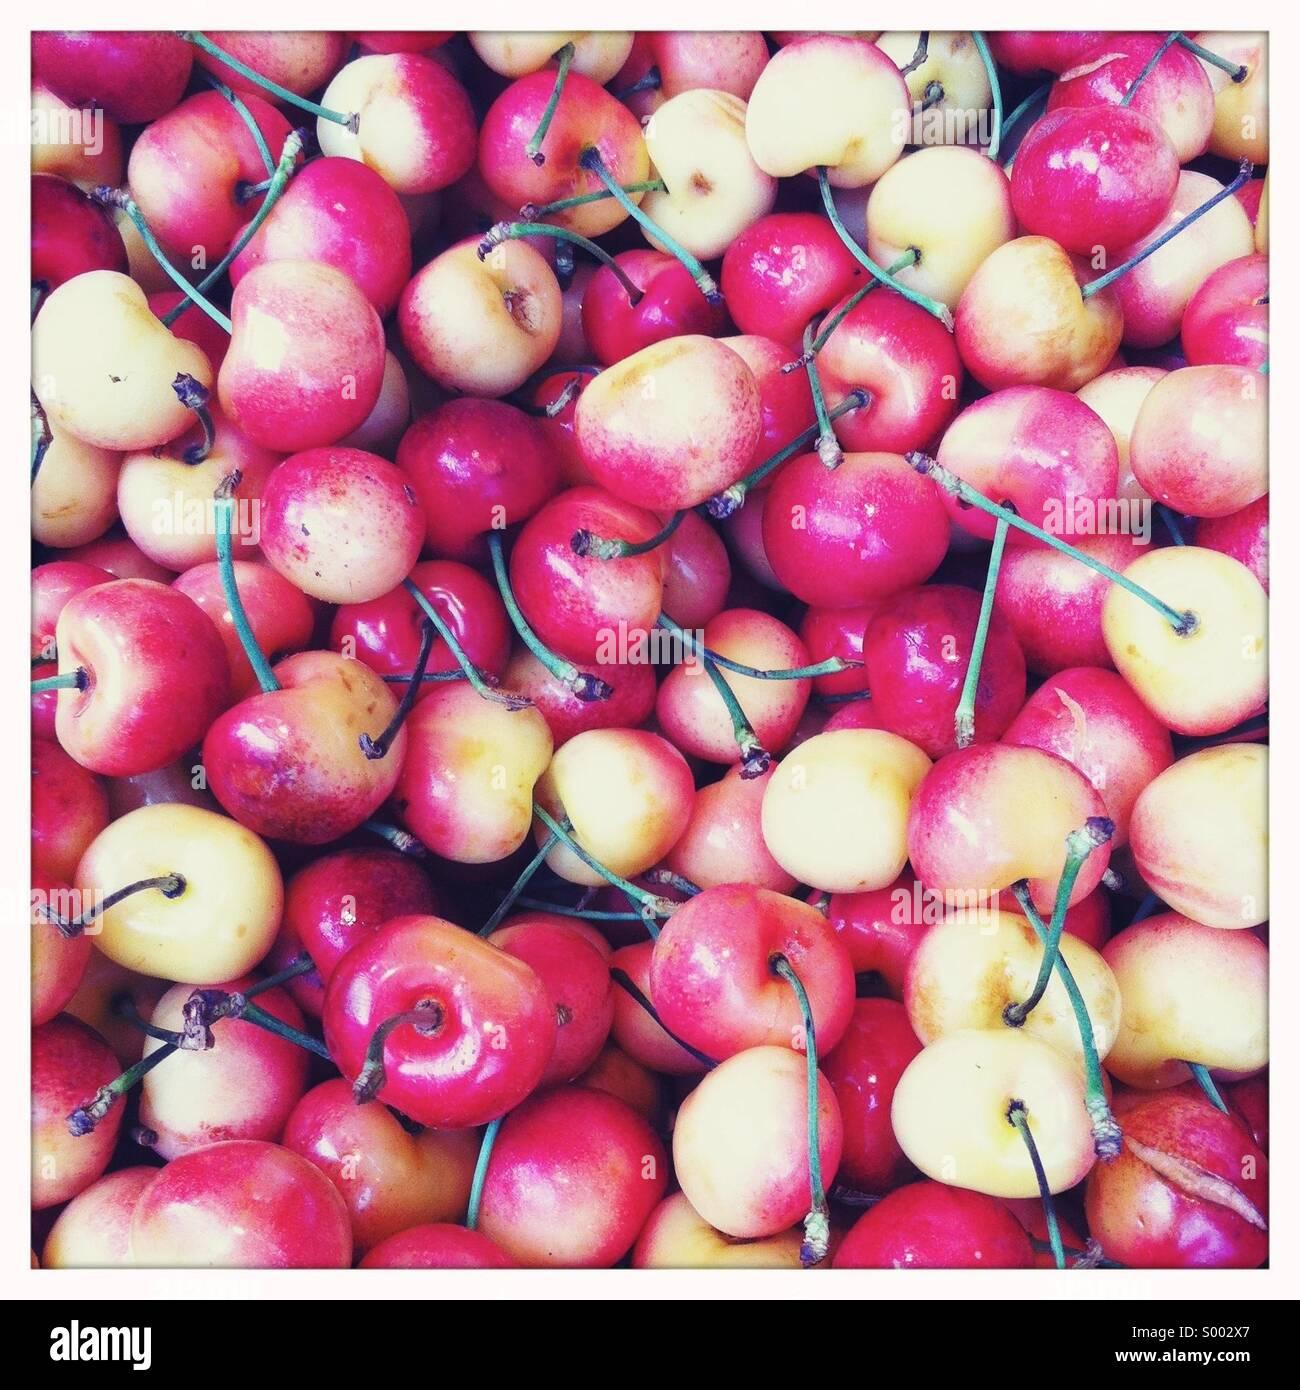 Eine Nahaufnahme von frisch gepflückten roten und weißen Kirschen mit Stielen Stockbild